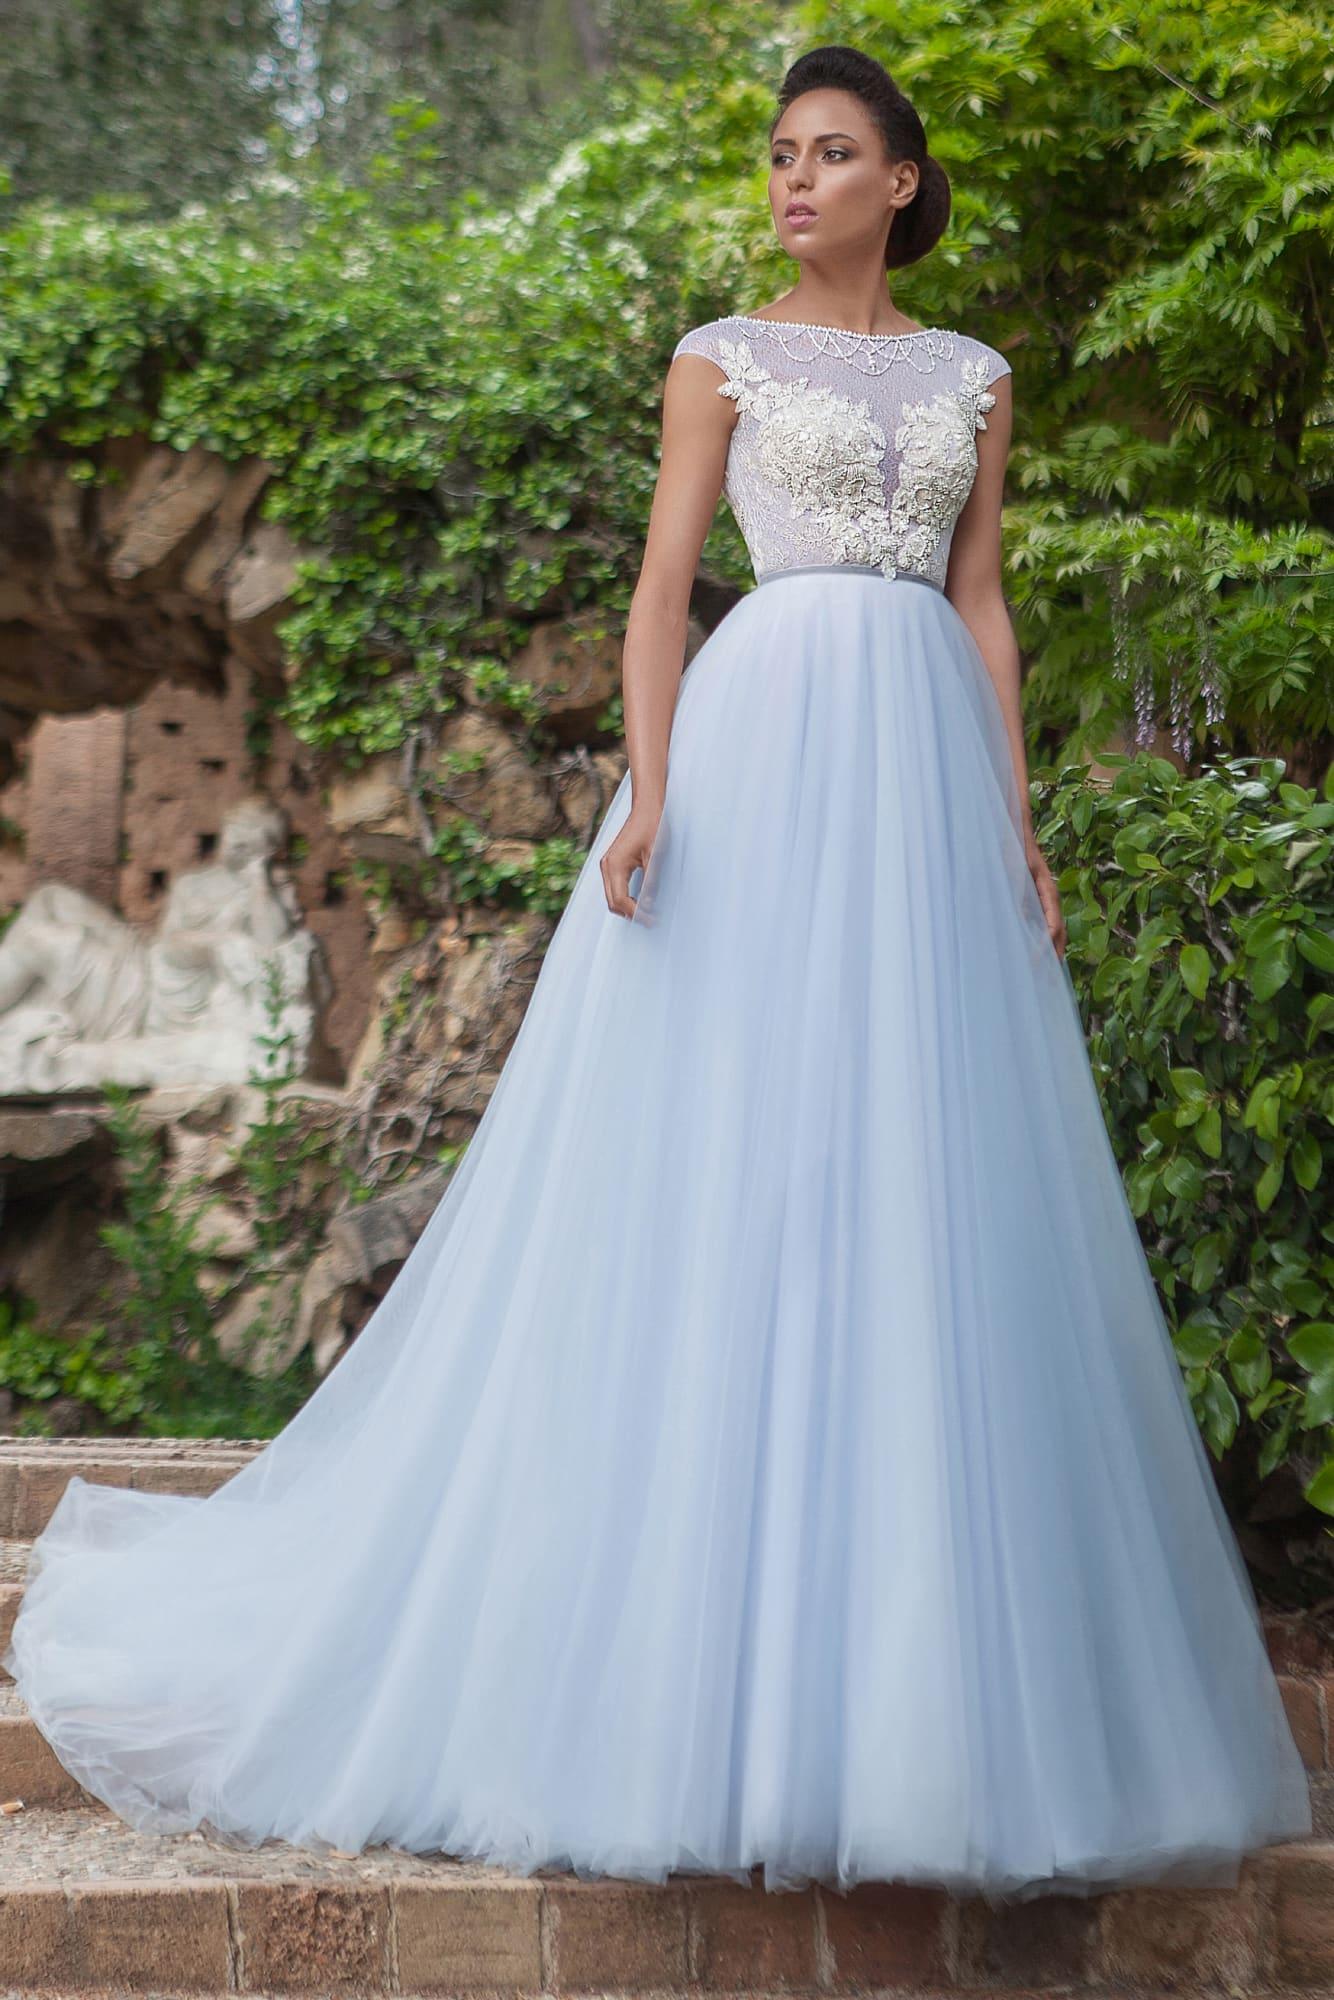 dc5845a826e1 Свадебное платье Gabbiano Ilayn ▷ Свадебный Торговый Центр Вега в ...